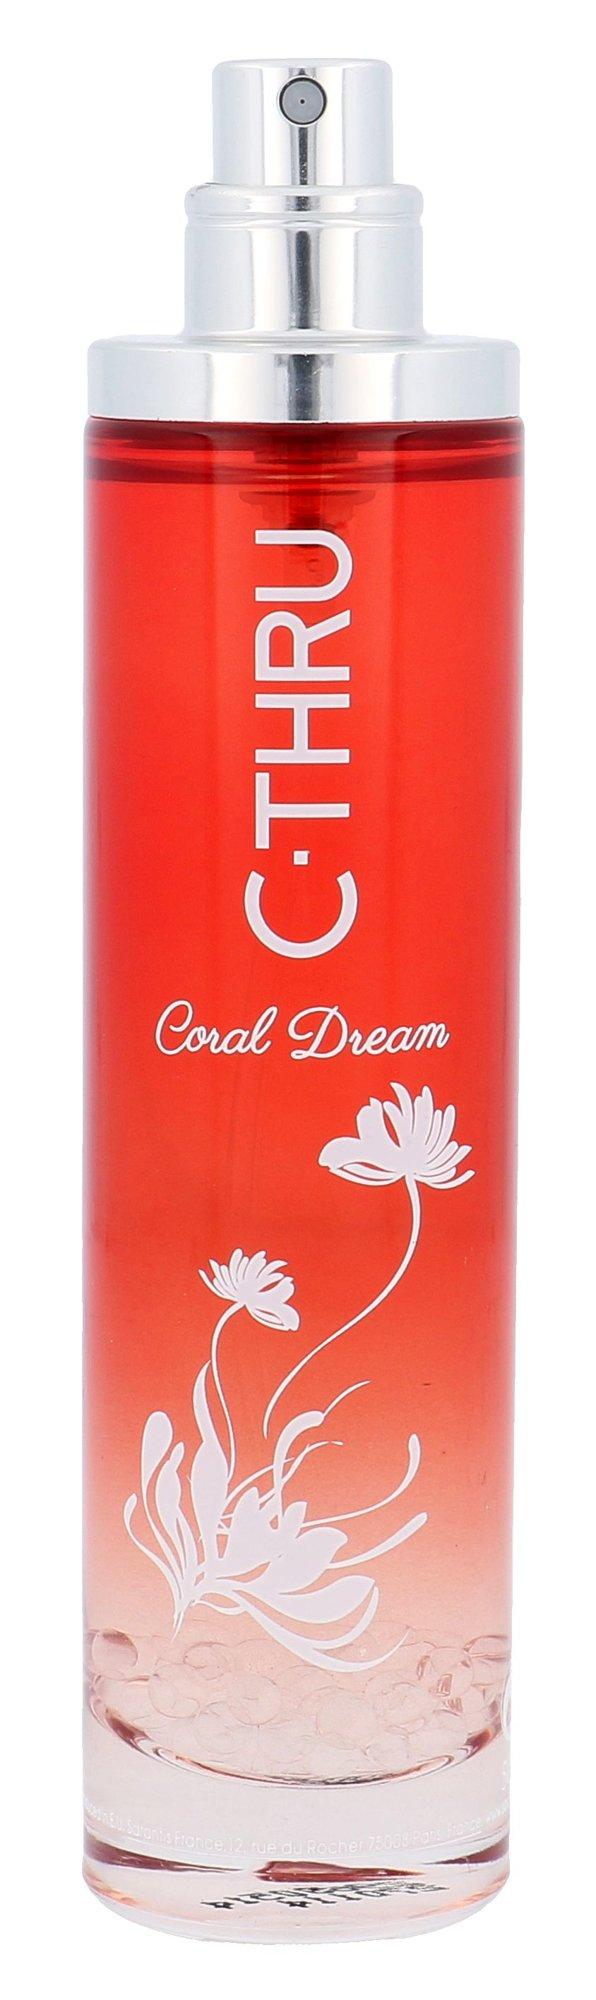 C-THRU Coral Dream EDT 50ml